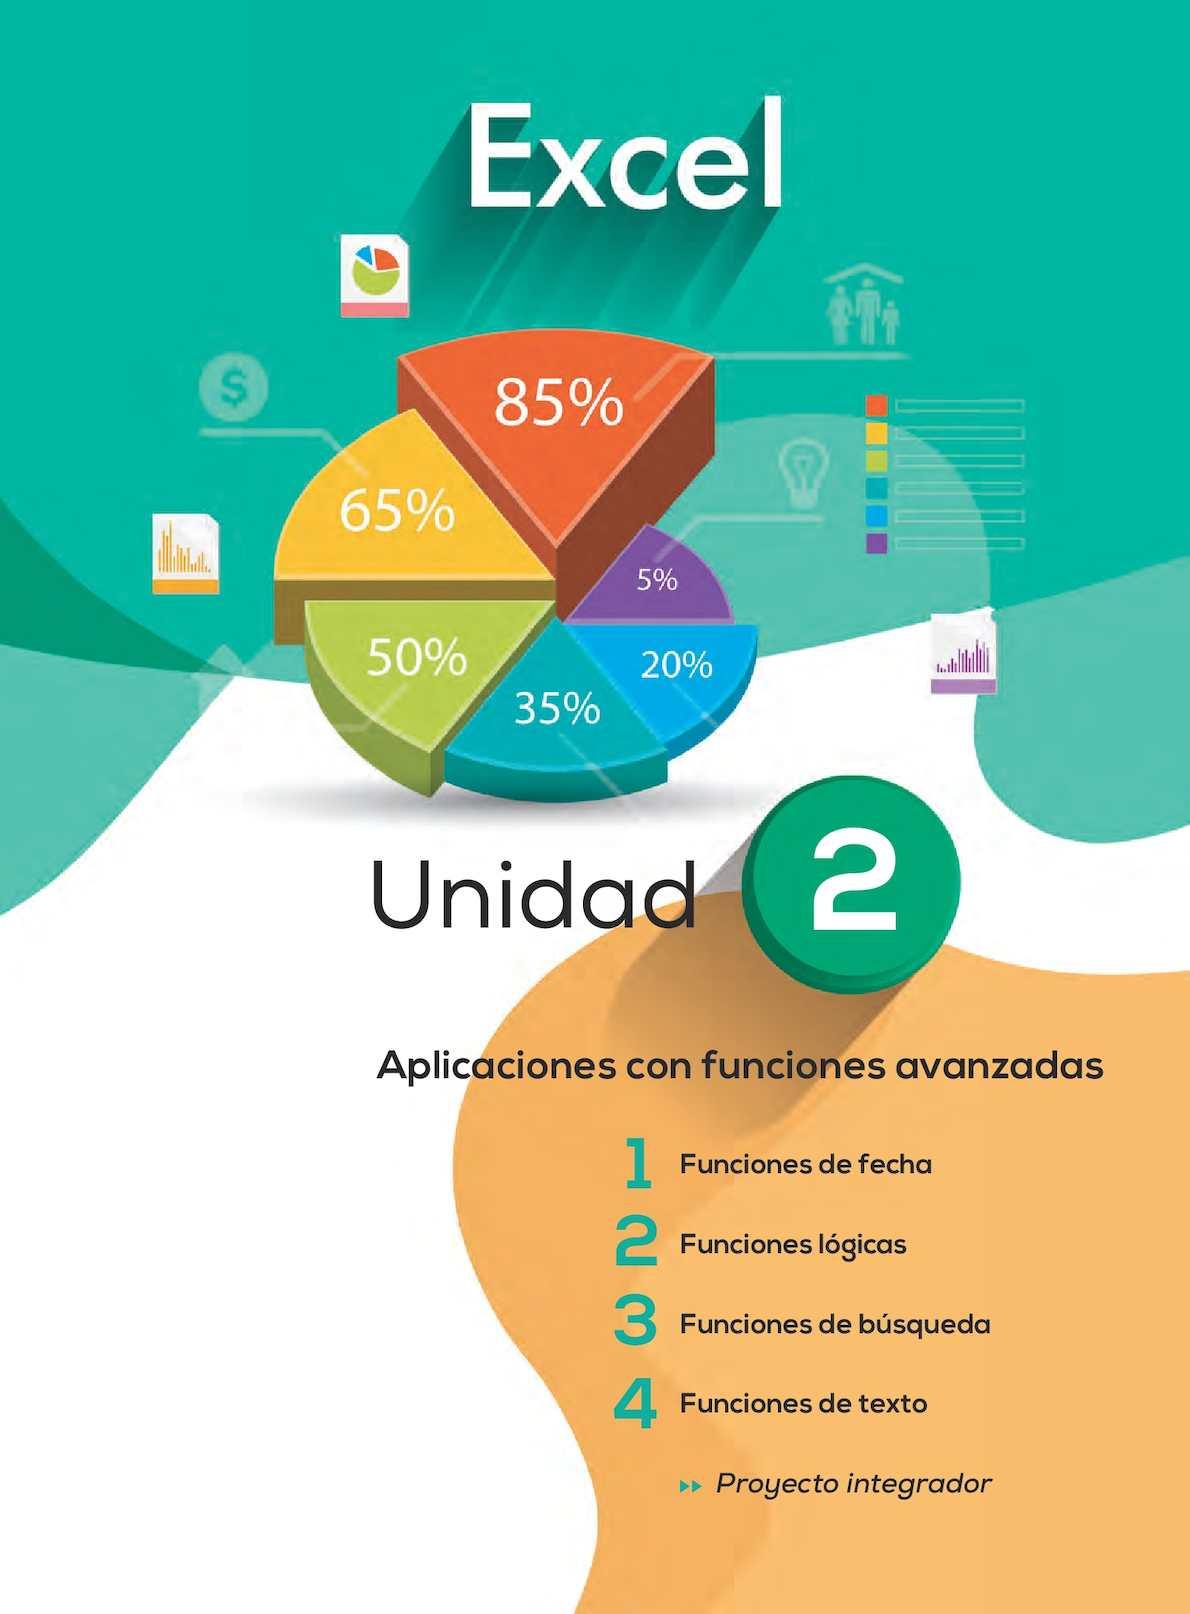 EDI04 EXCEL UNIDAD2 CDT